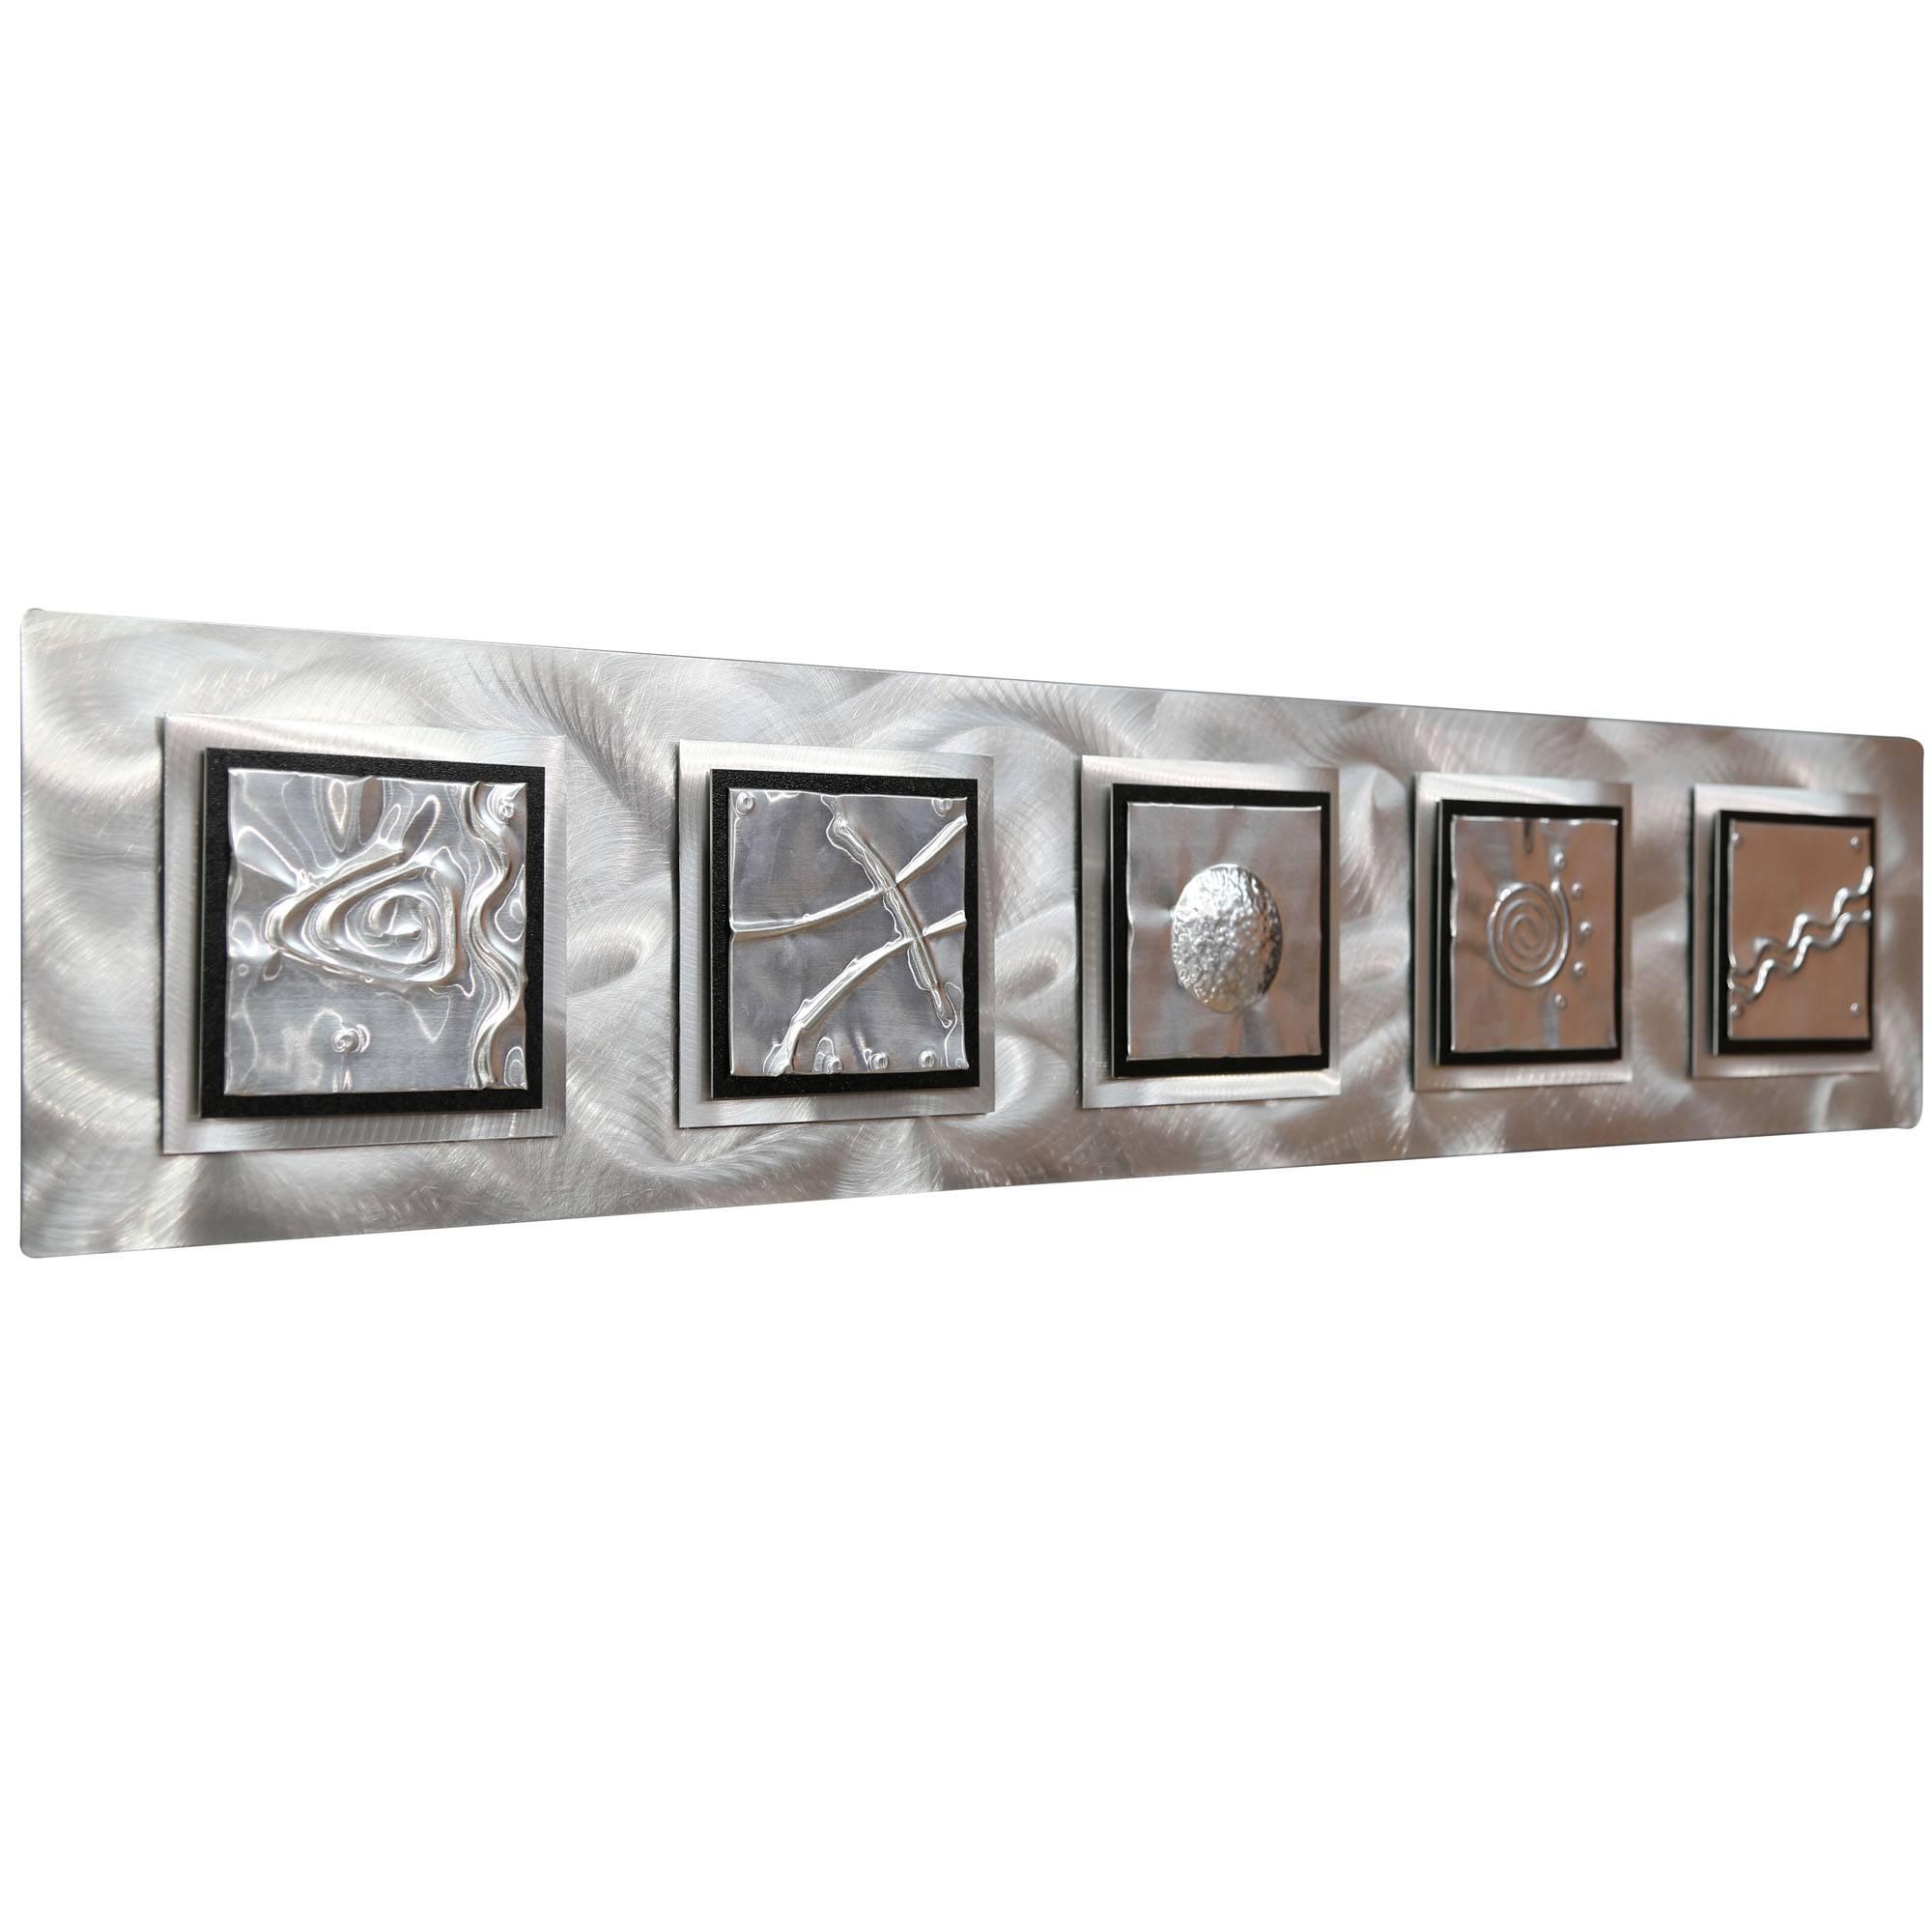 5 Elements – Silver/black Zen Metal Wall Art Accentjon Allen In Latest Elements Metal Wall Art (Gallery 7 of 20)